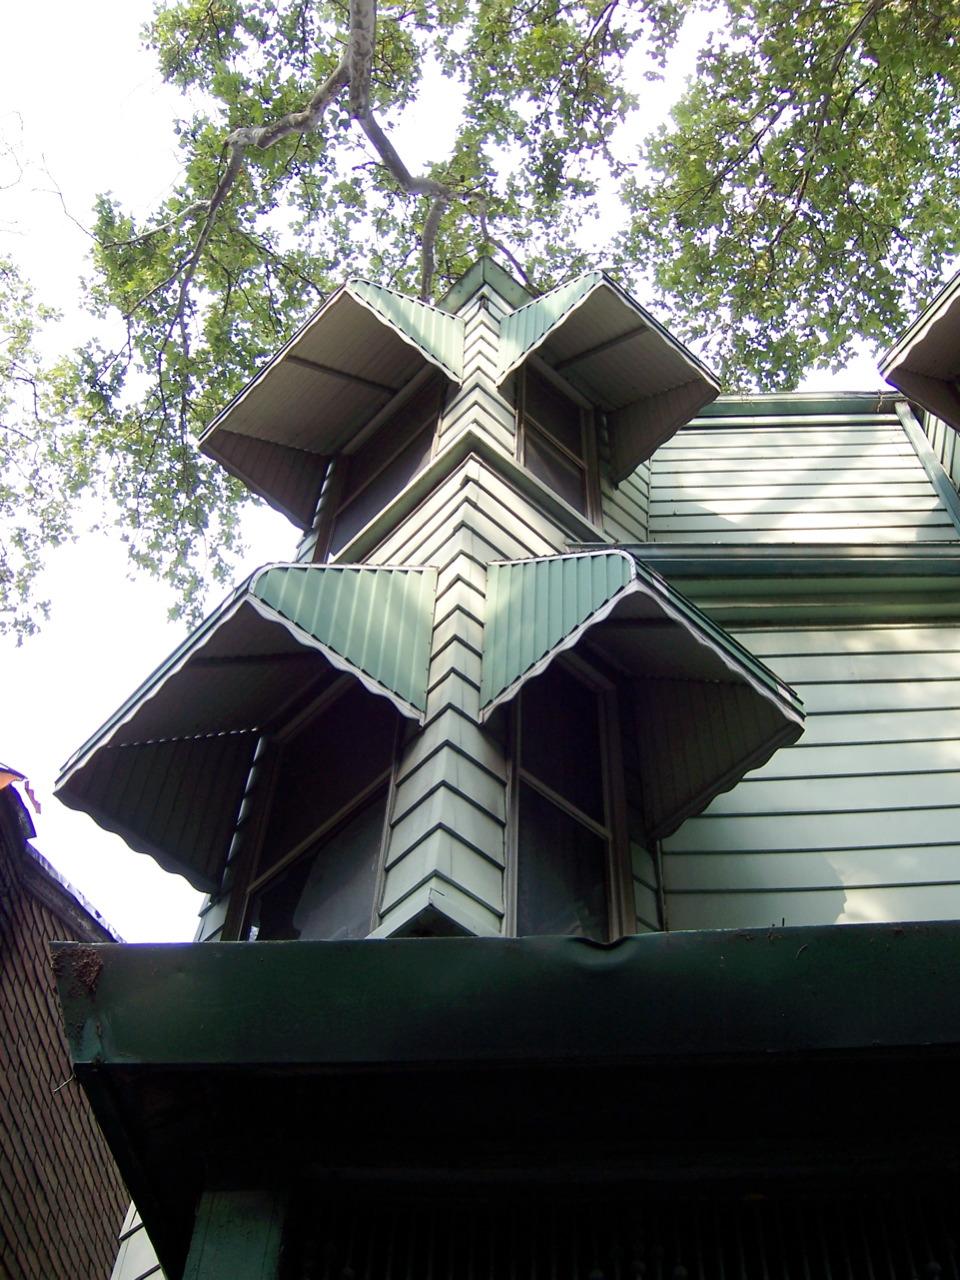 awnings--bad_179368522_o.jpg